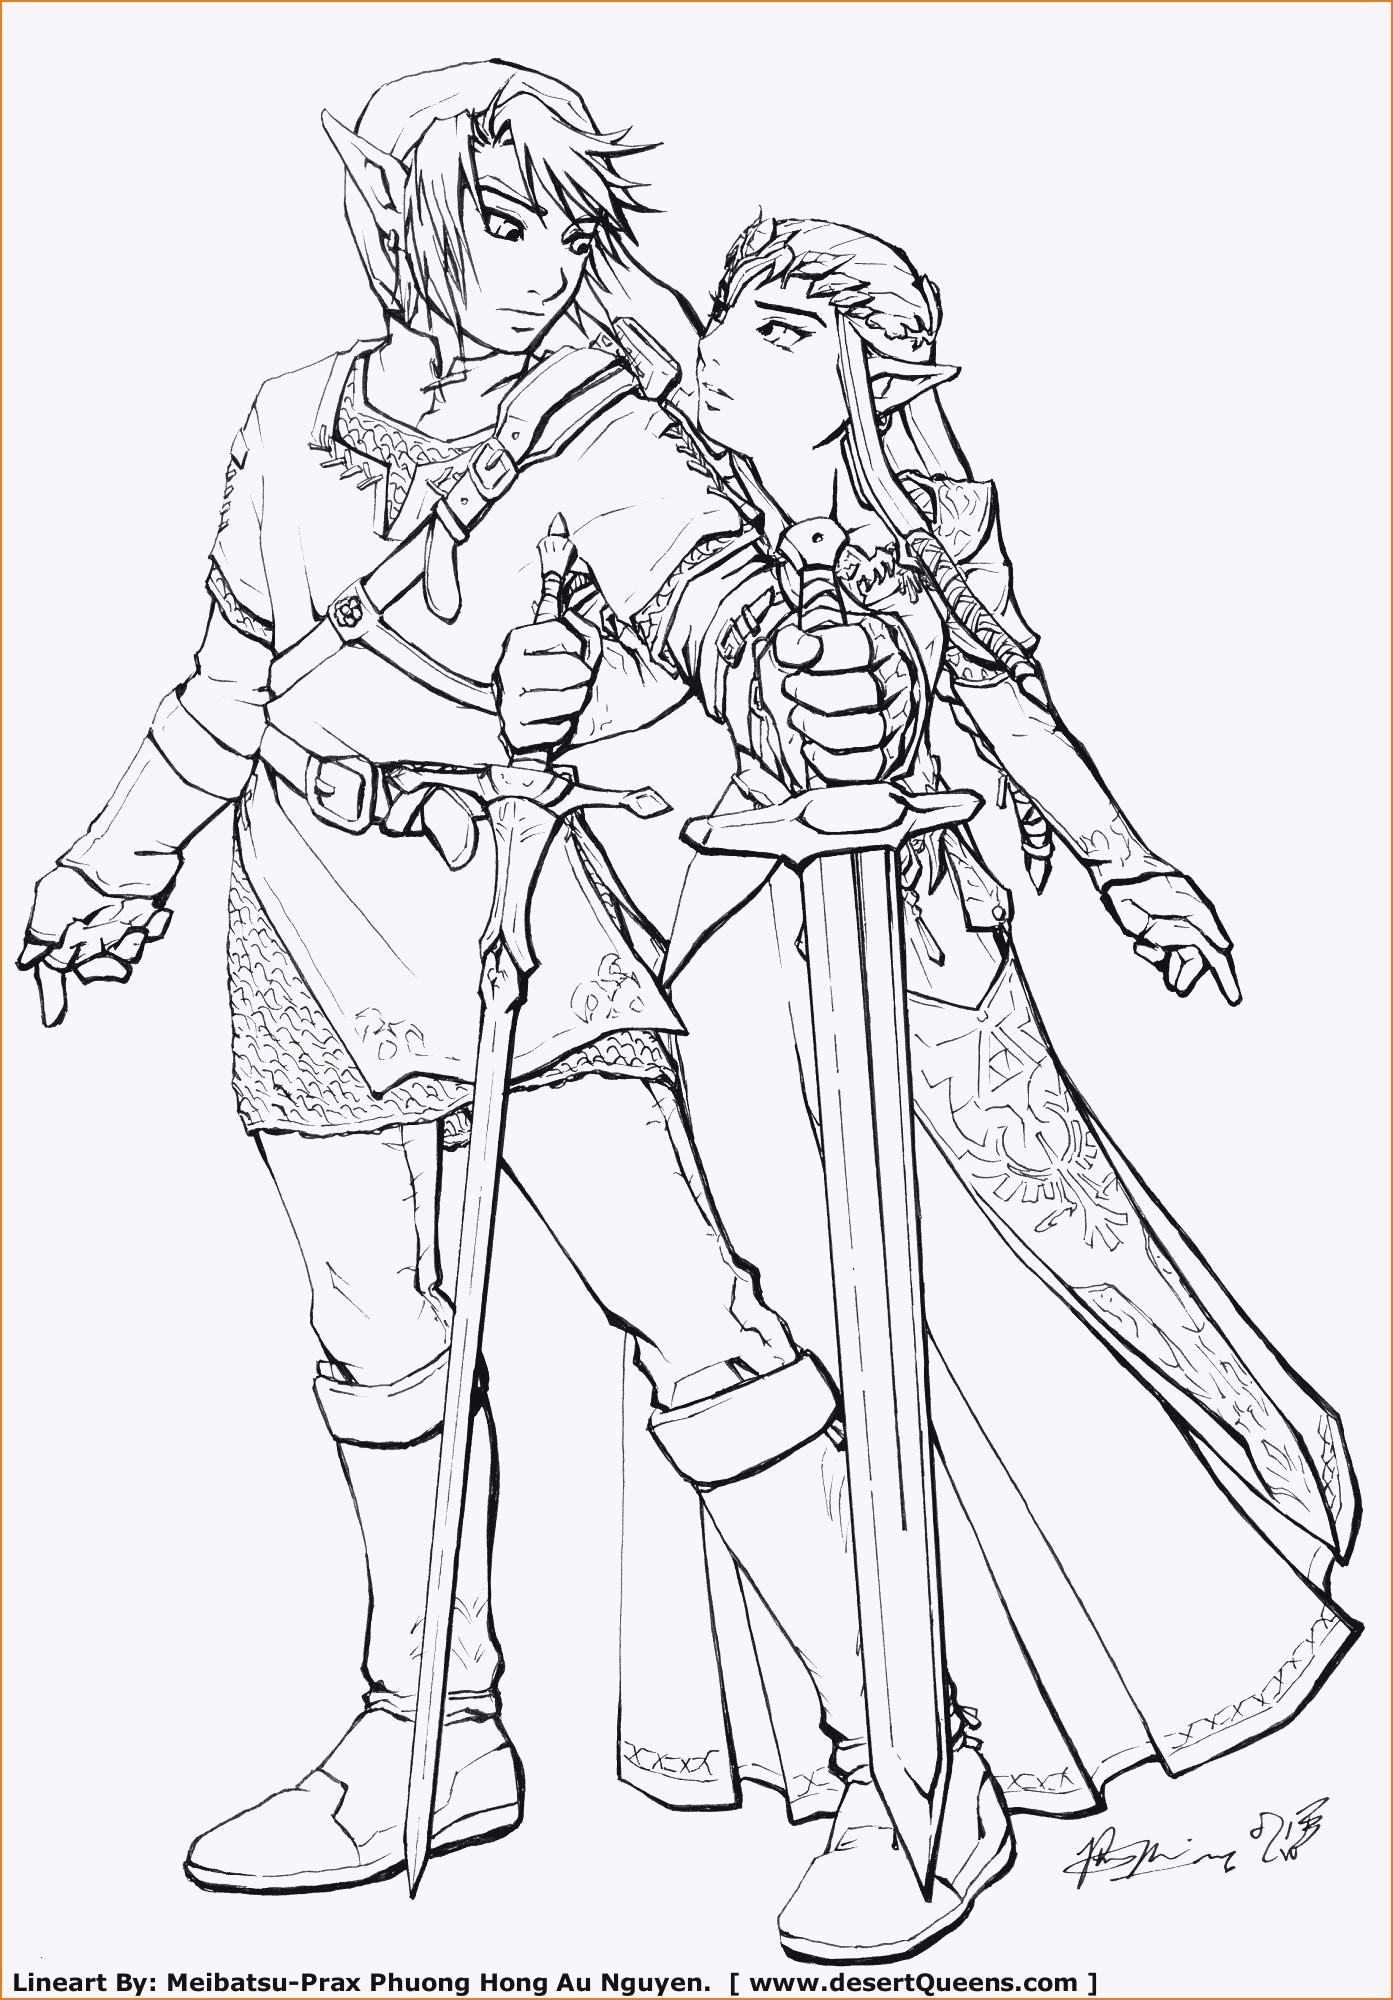 Jakob Und Esau Ausmalbilder Inspirierend Jakob Und Esau Ausmalbilder Inspirierend Zelda Coloring Pages Zelda Bilder